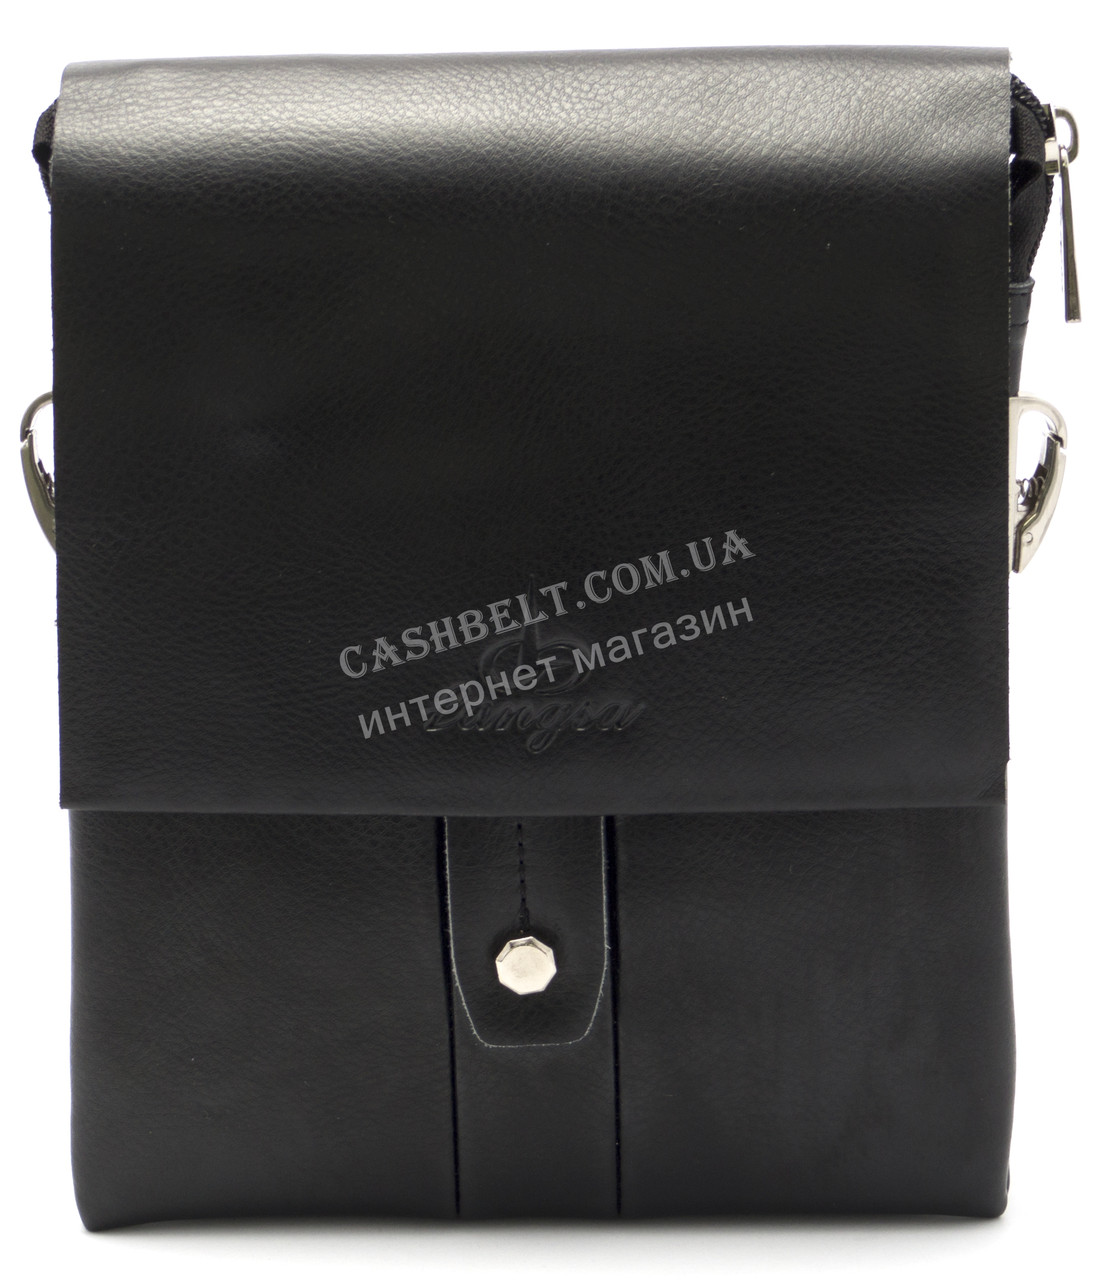 Удобная мужская сумка Langsa art. TP6652-2 черный